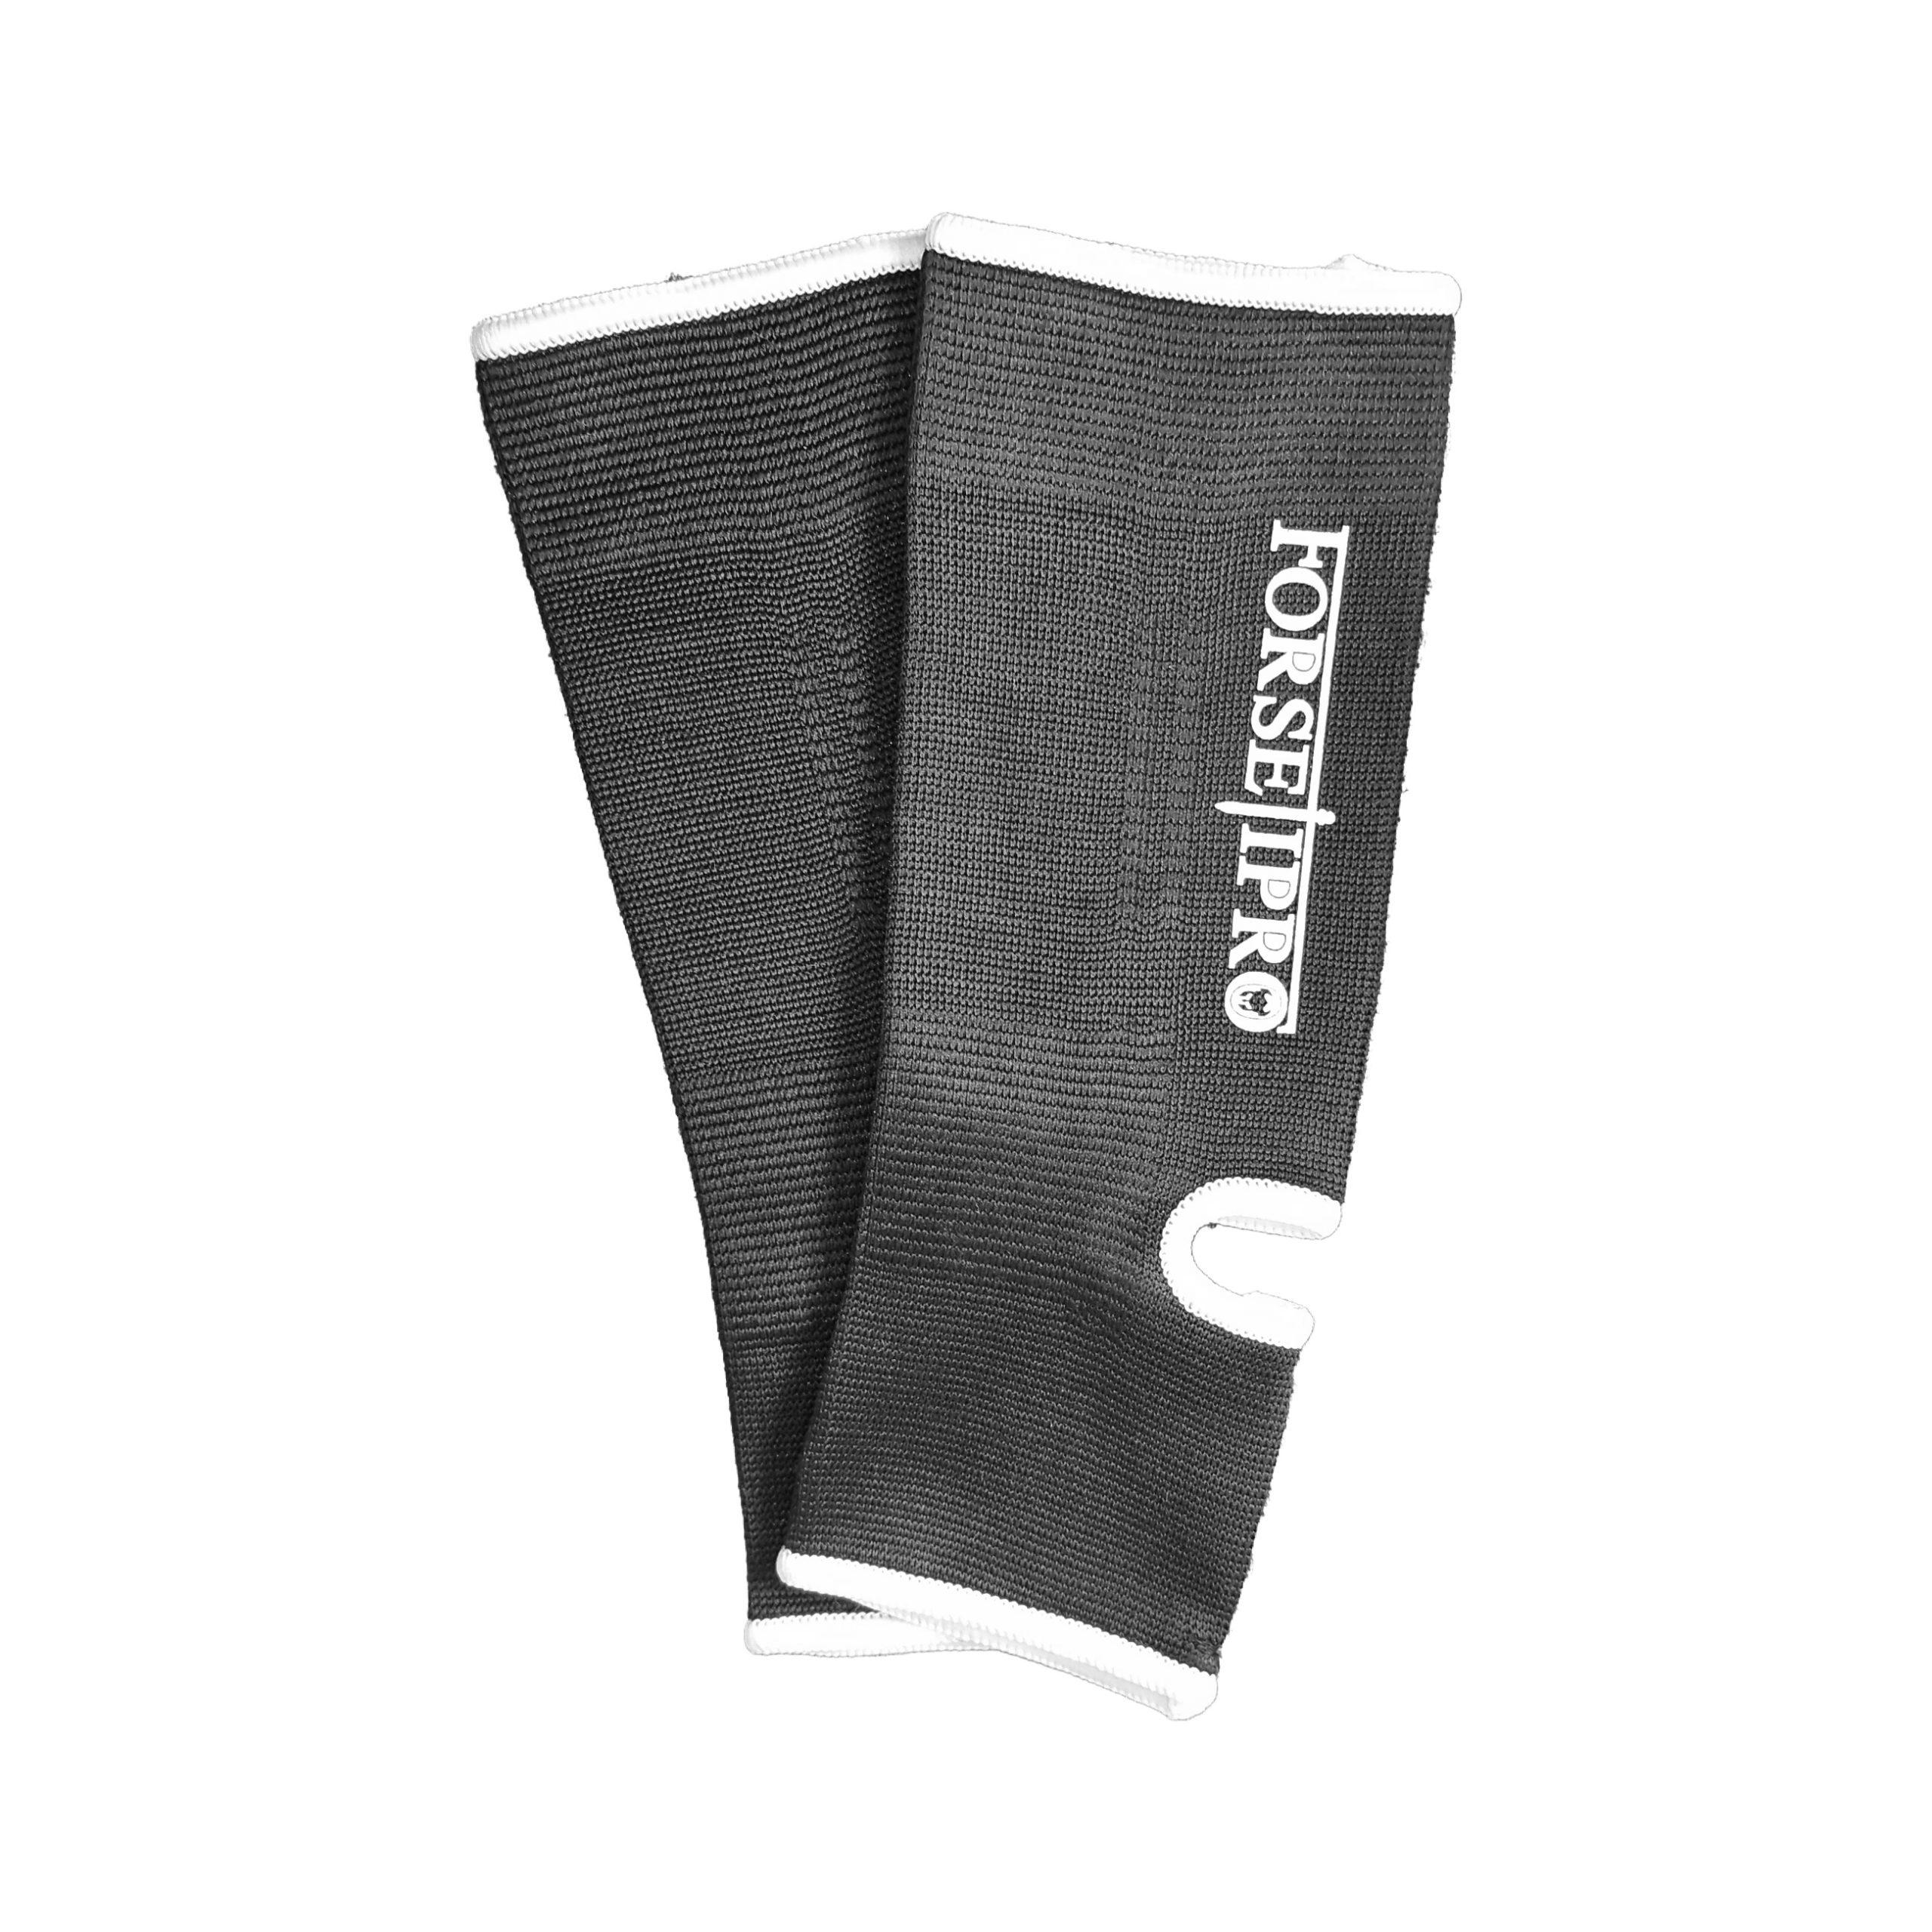 Forseti Pro Enkelkousen B-Stock – Zwart met wit 1